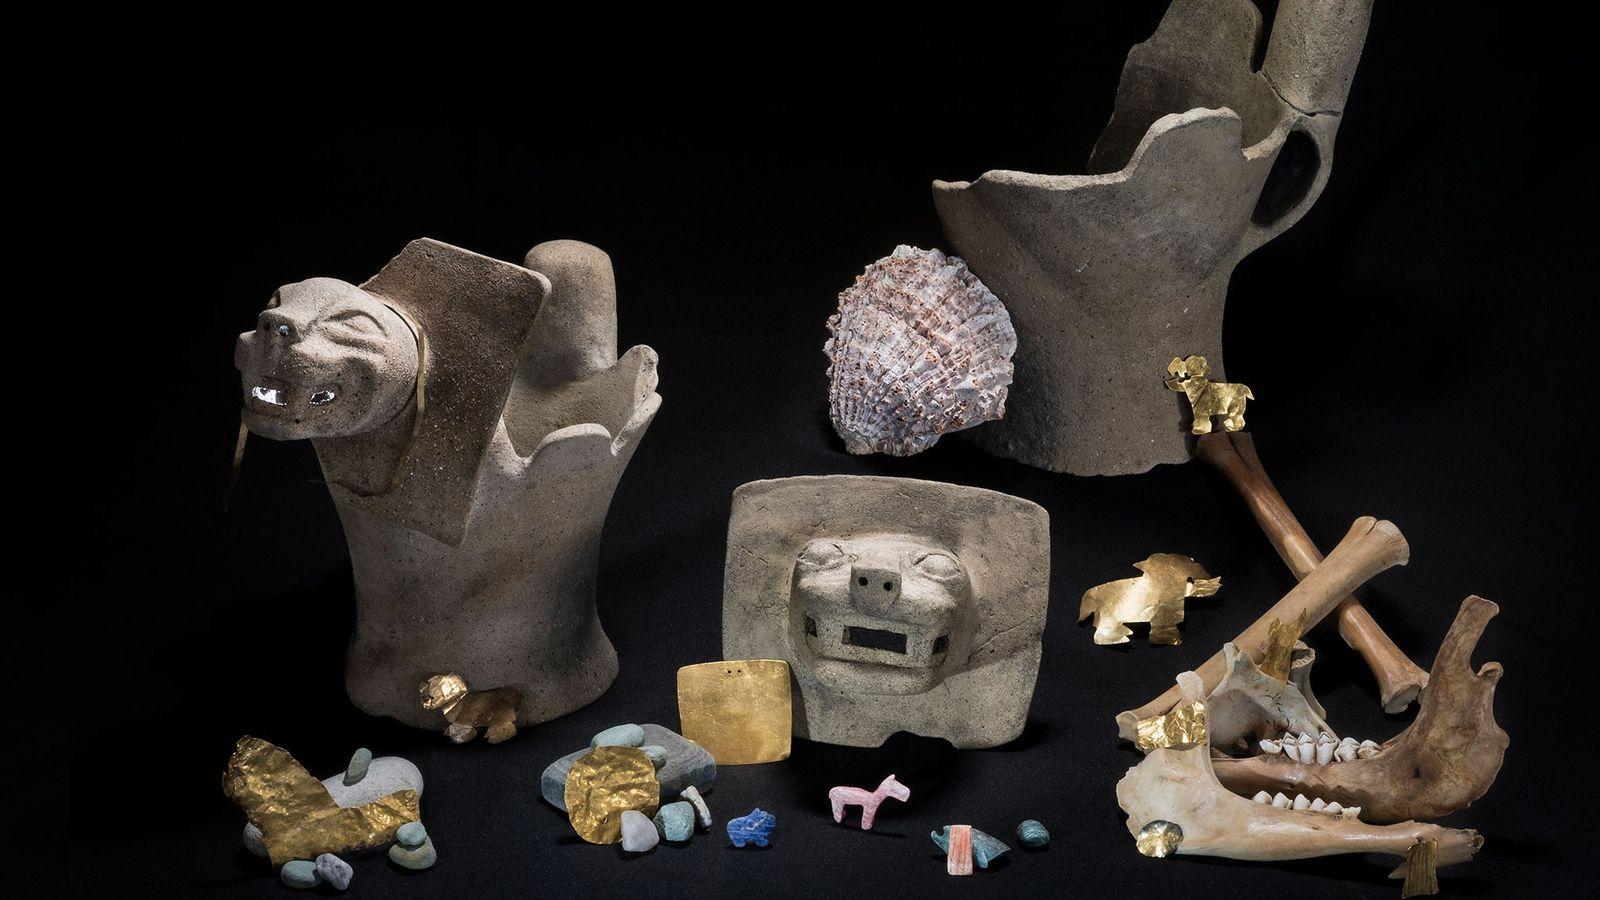 Unter den rituell geopferten Gegenständen befanden sich auch Gold, Halbedelsteine und Räuchergefäße, die mit Pumaköpfen verziert ...